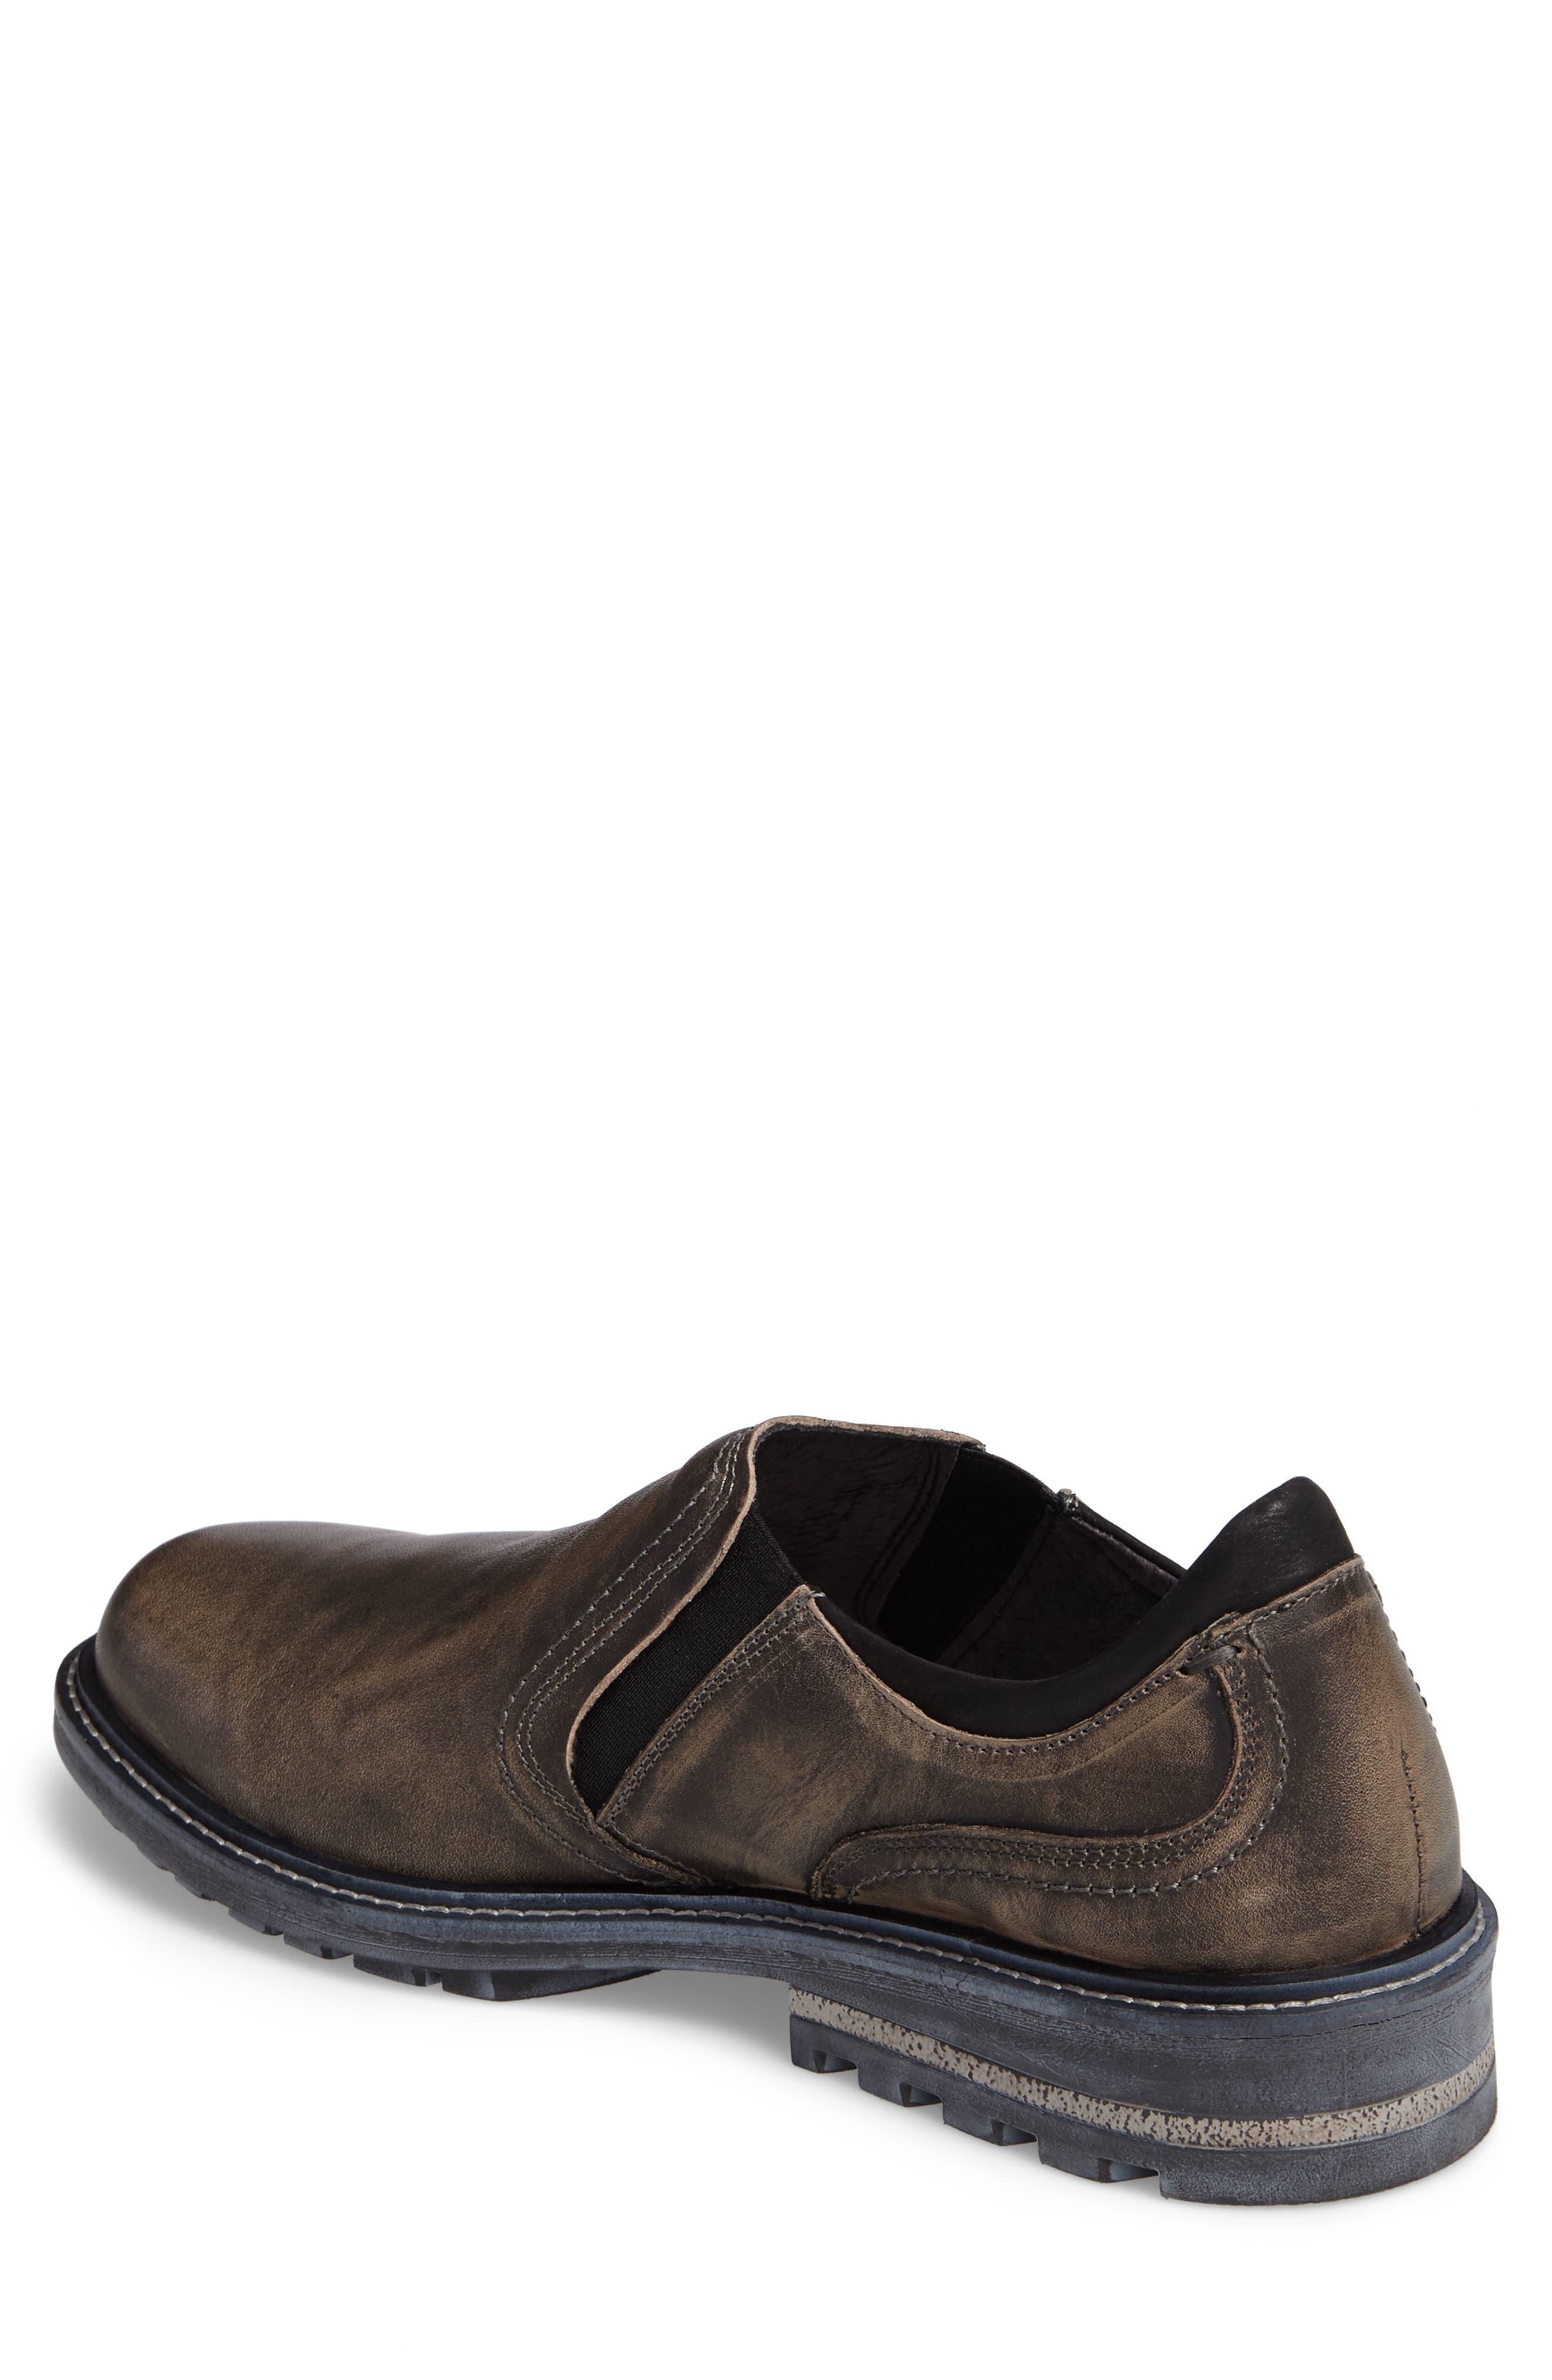 Manyara Slip-On Loafer,                             Alternate thumbnail 2, color,                             Vintage Grey Leather